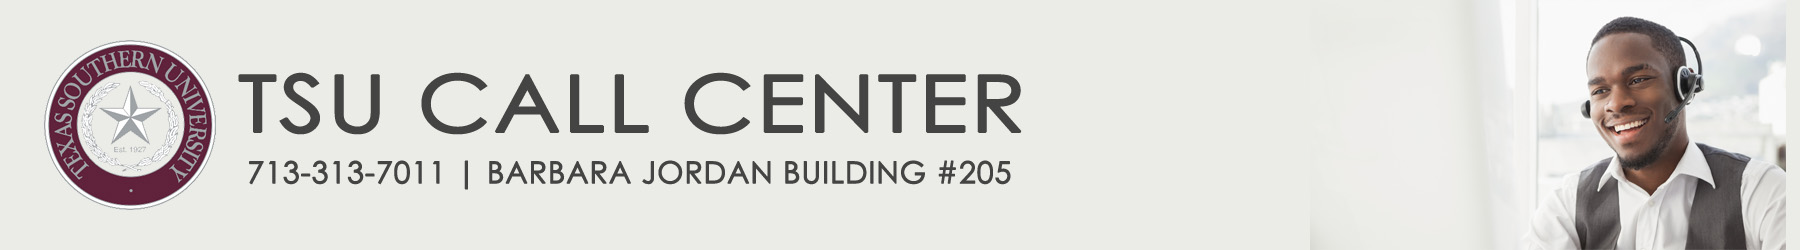 call-center-banner